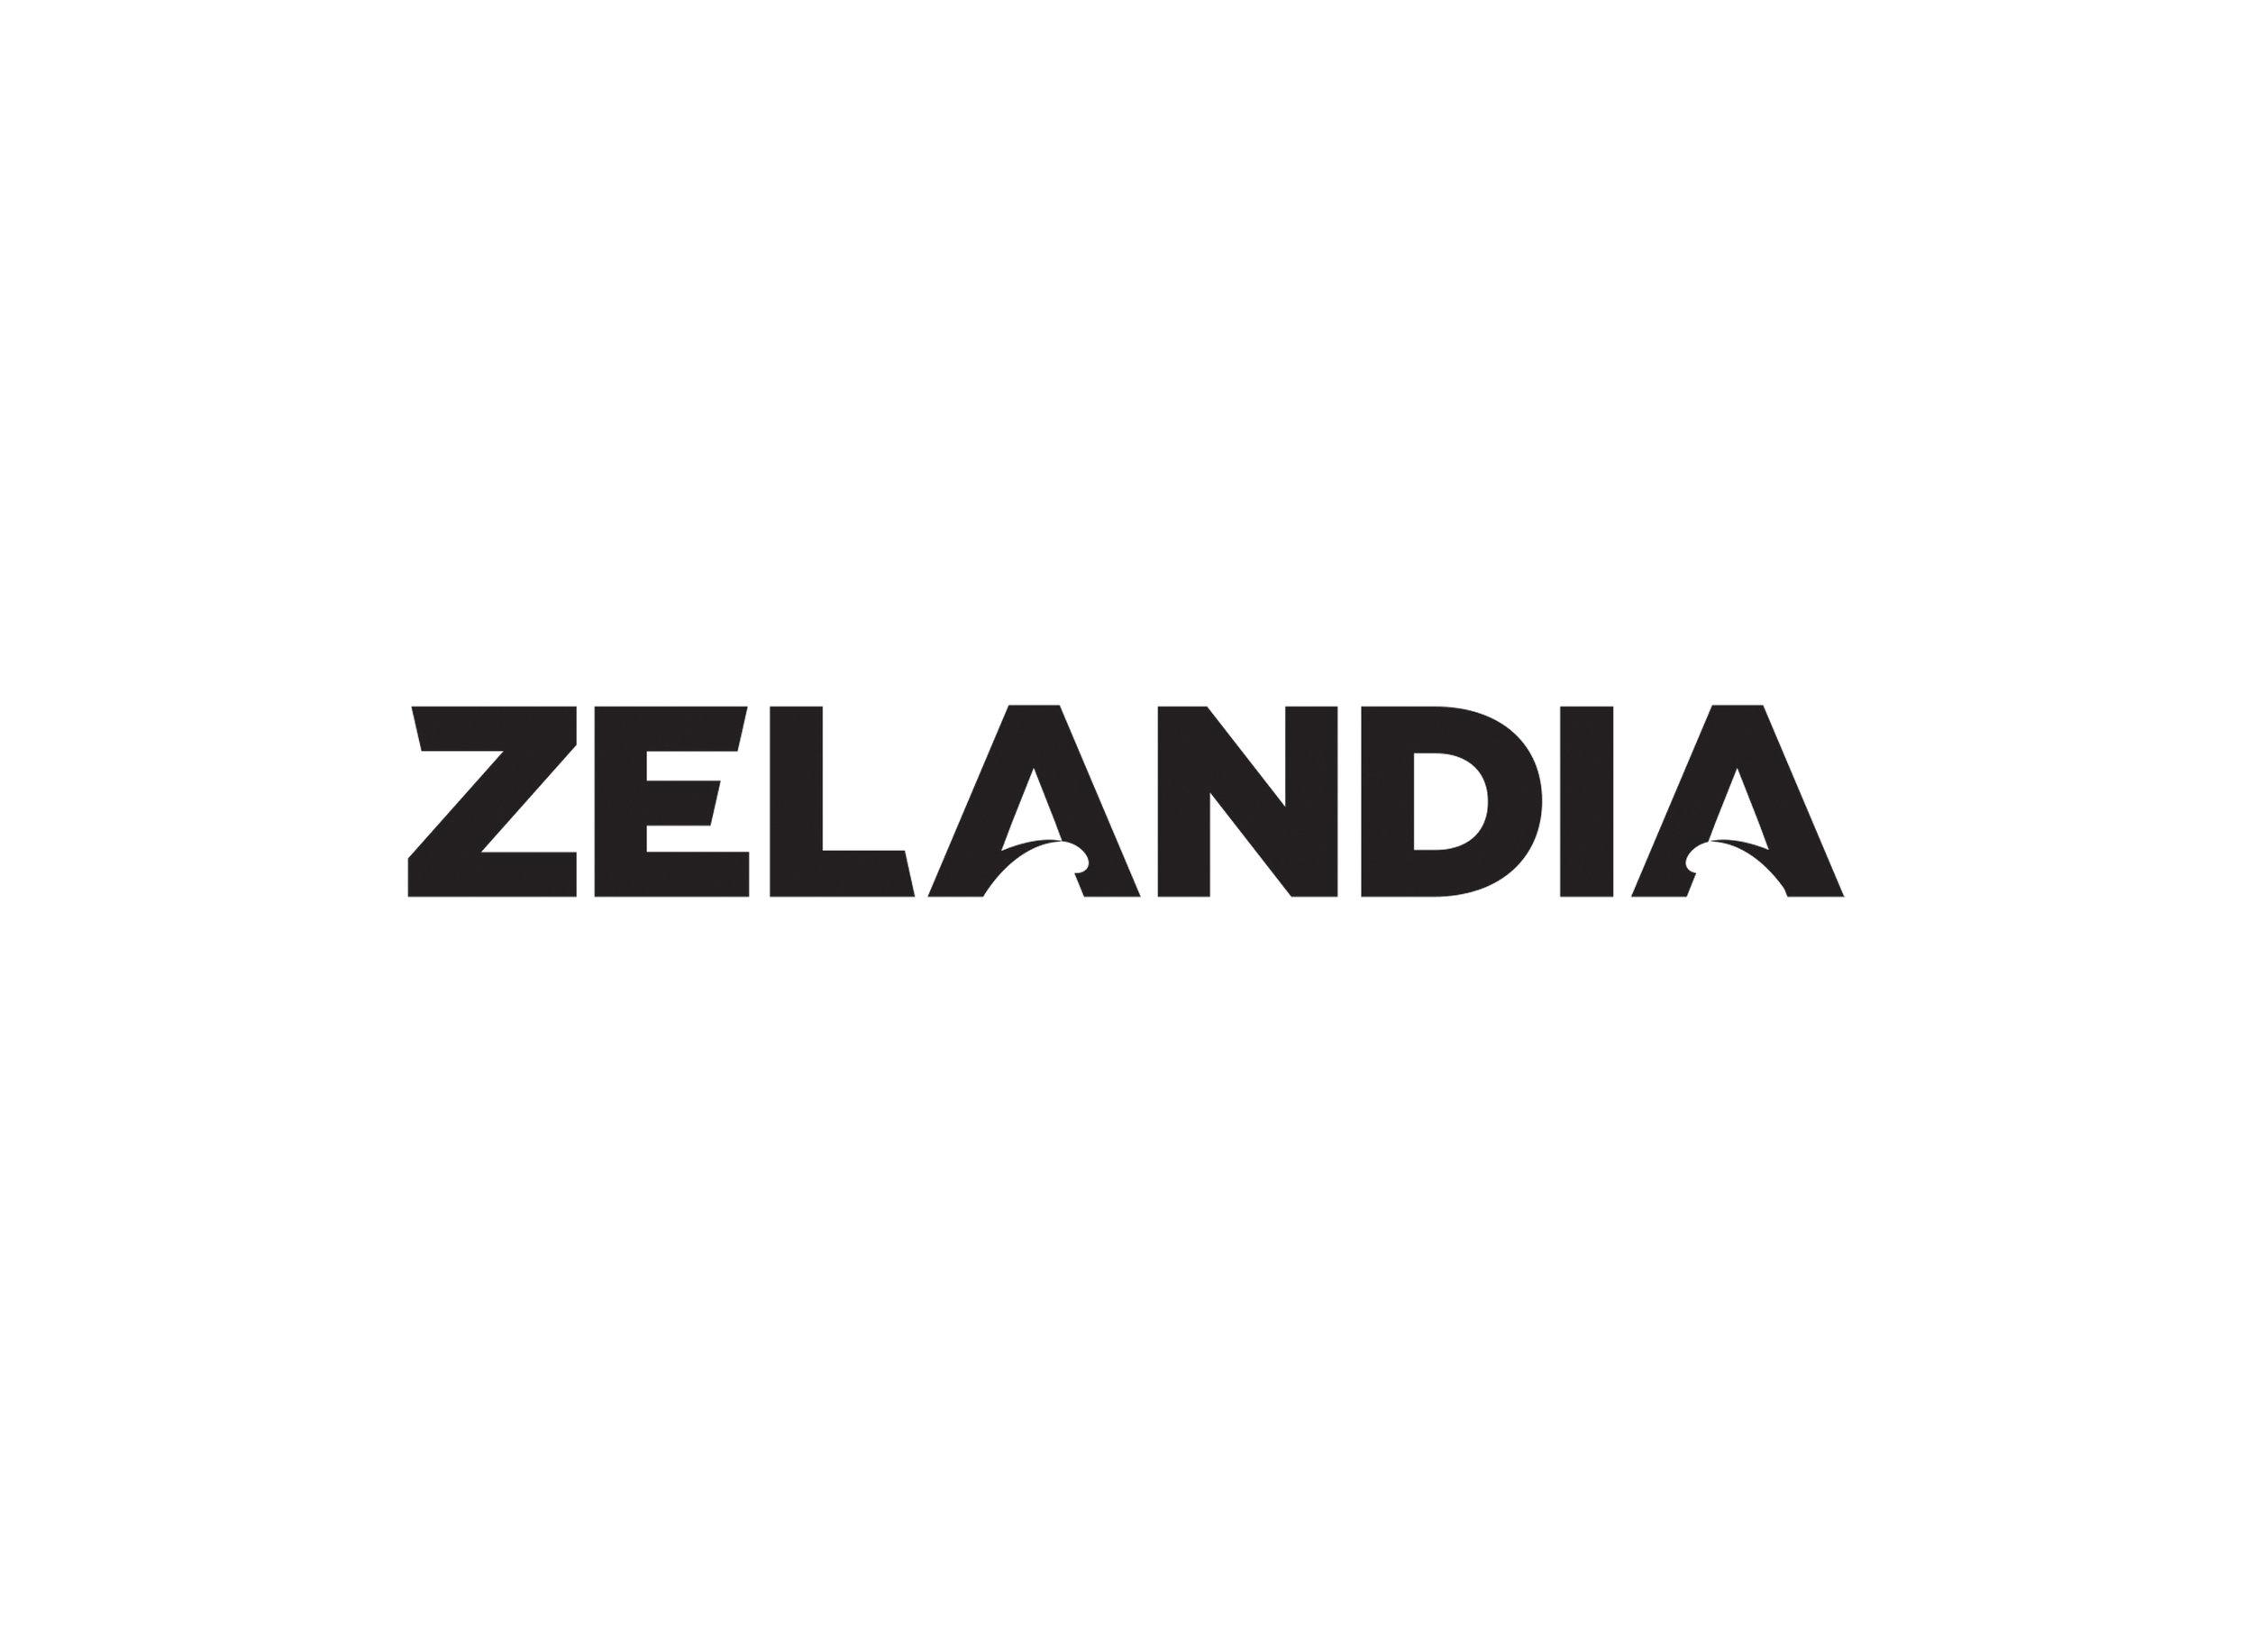 LOGO_ZELANDIA.jpg